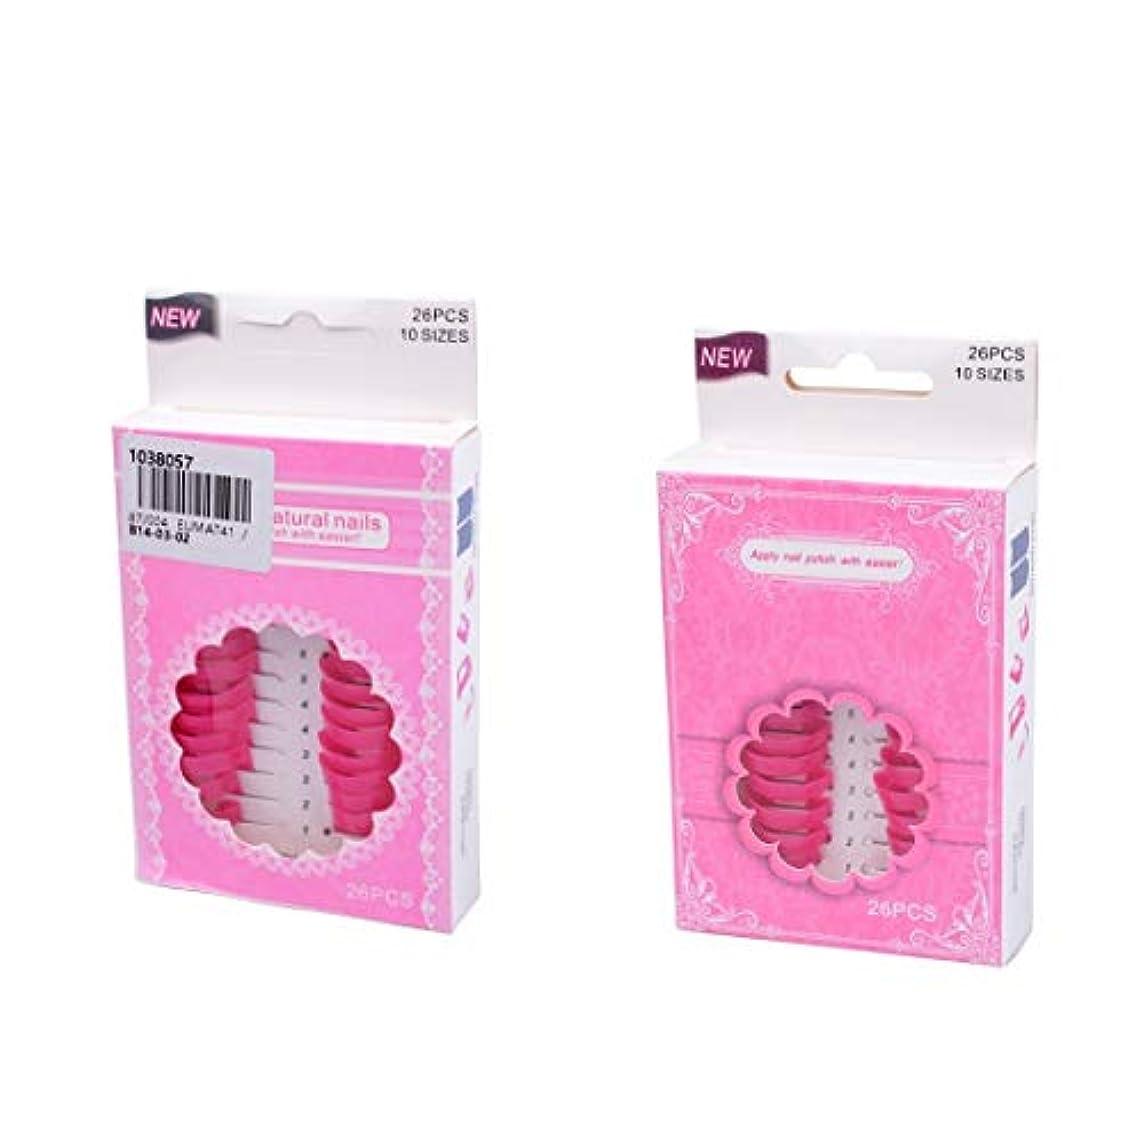 膜試してみる登録するネイルケア 溢れ防止 52枚入り ネイルプロテクター ジェルネイル ネイルツール 繰り返し利用可 プロマニキュア ピンク